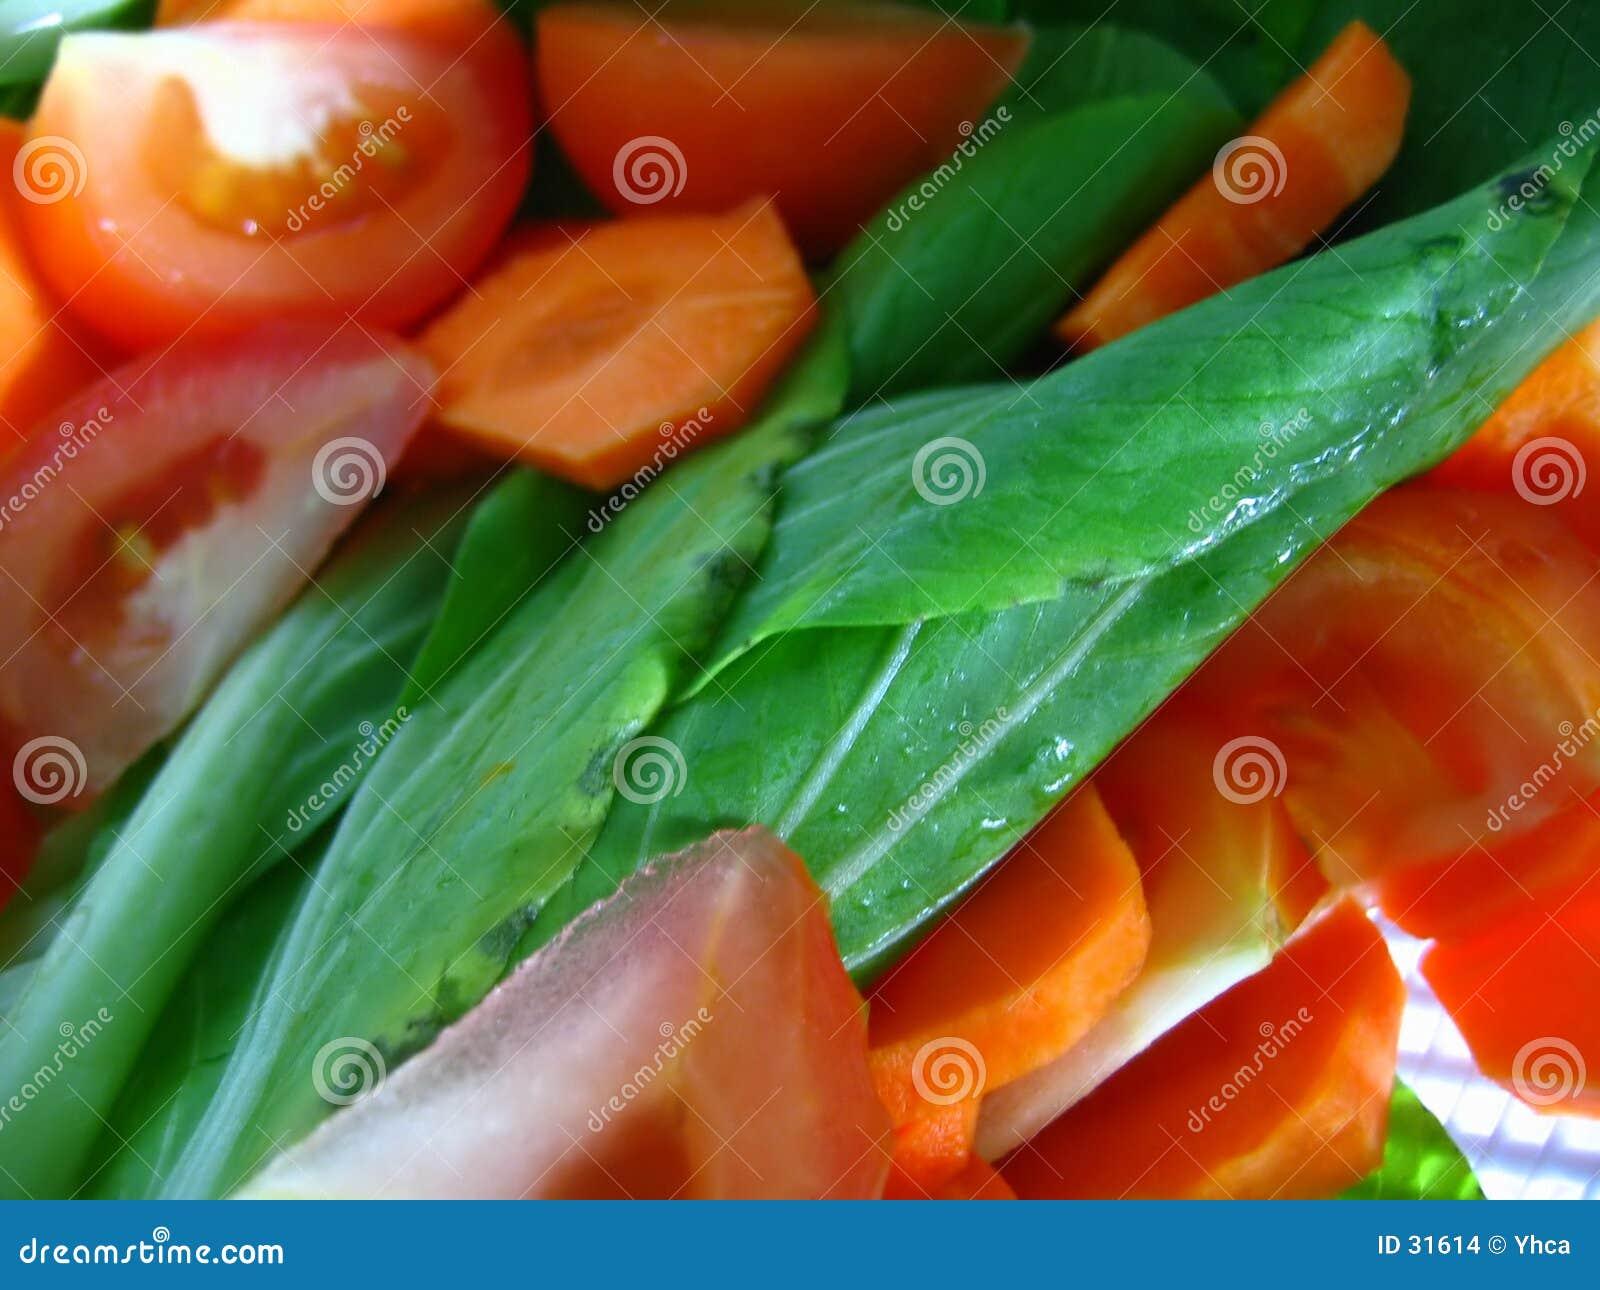 Download Vehículos foto de archivo. Imagen de dieta, orgánico, verde - 31614